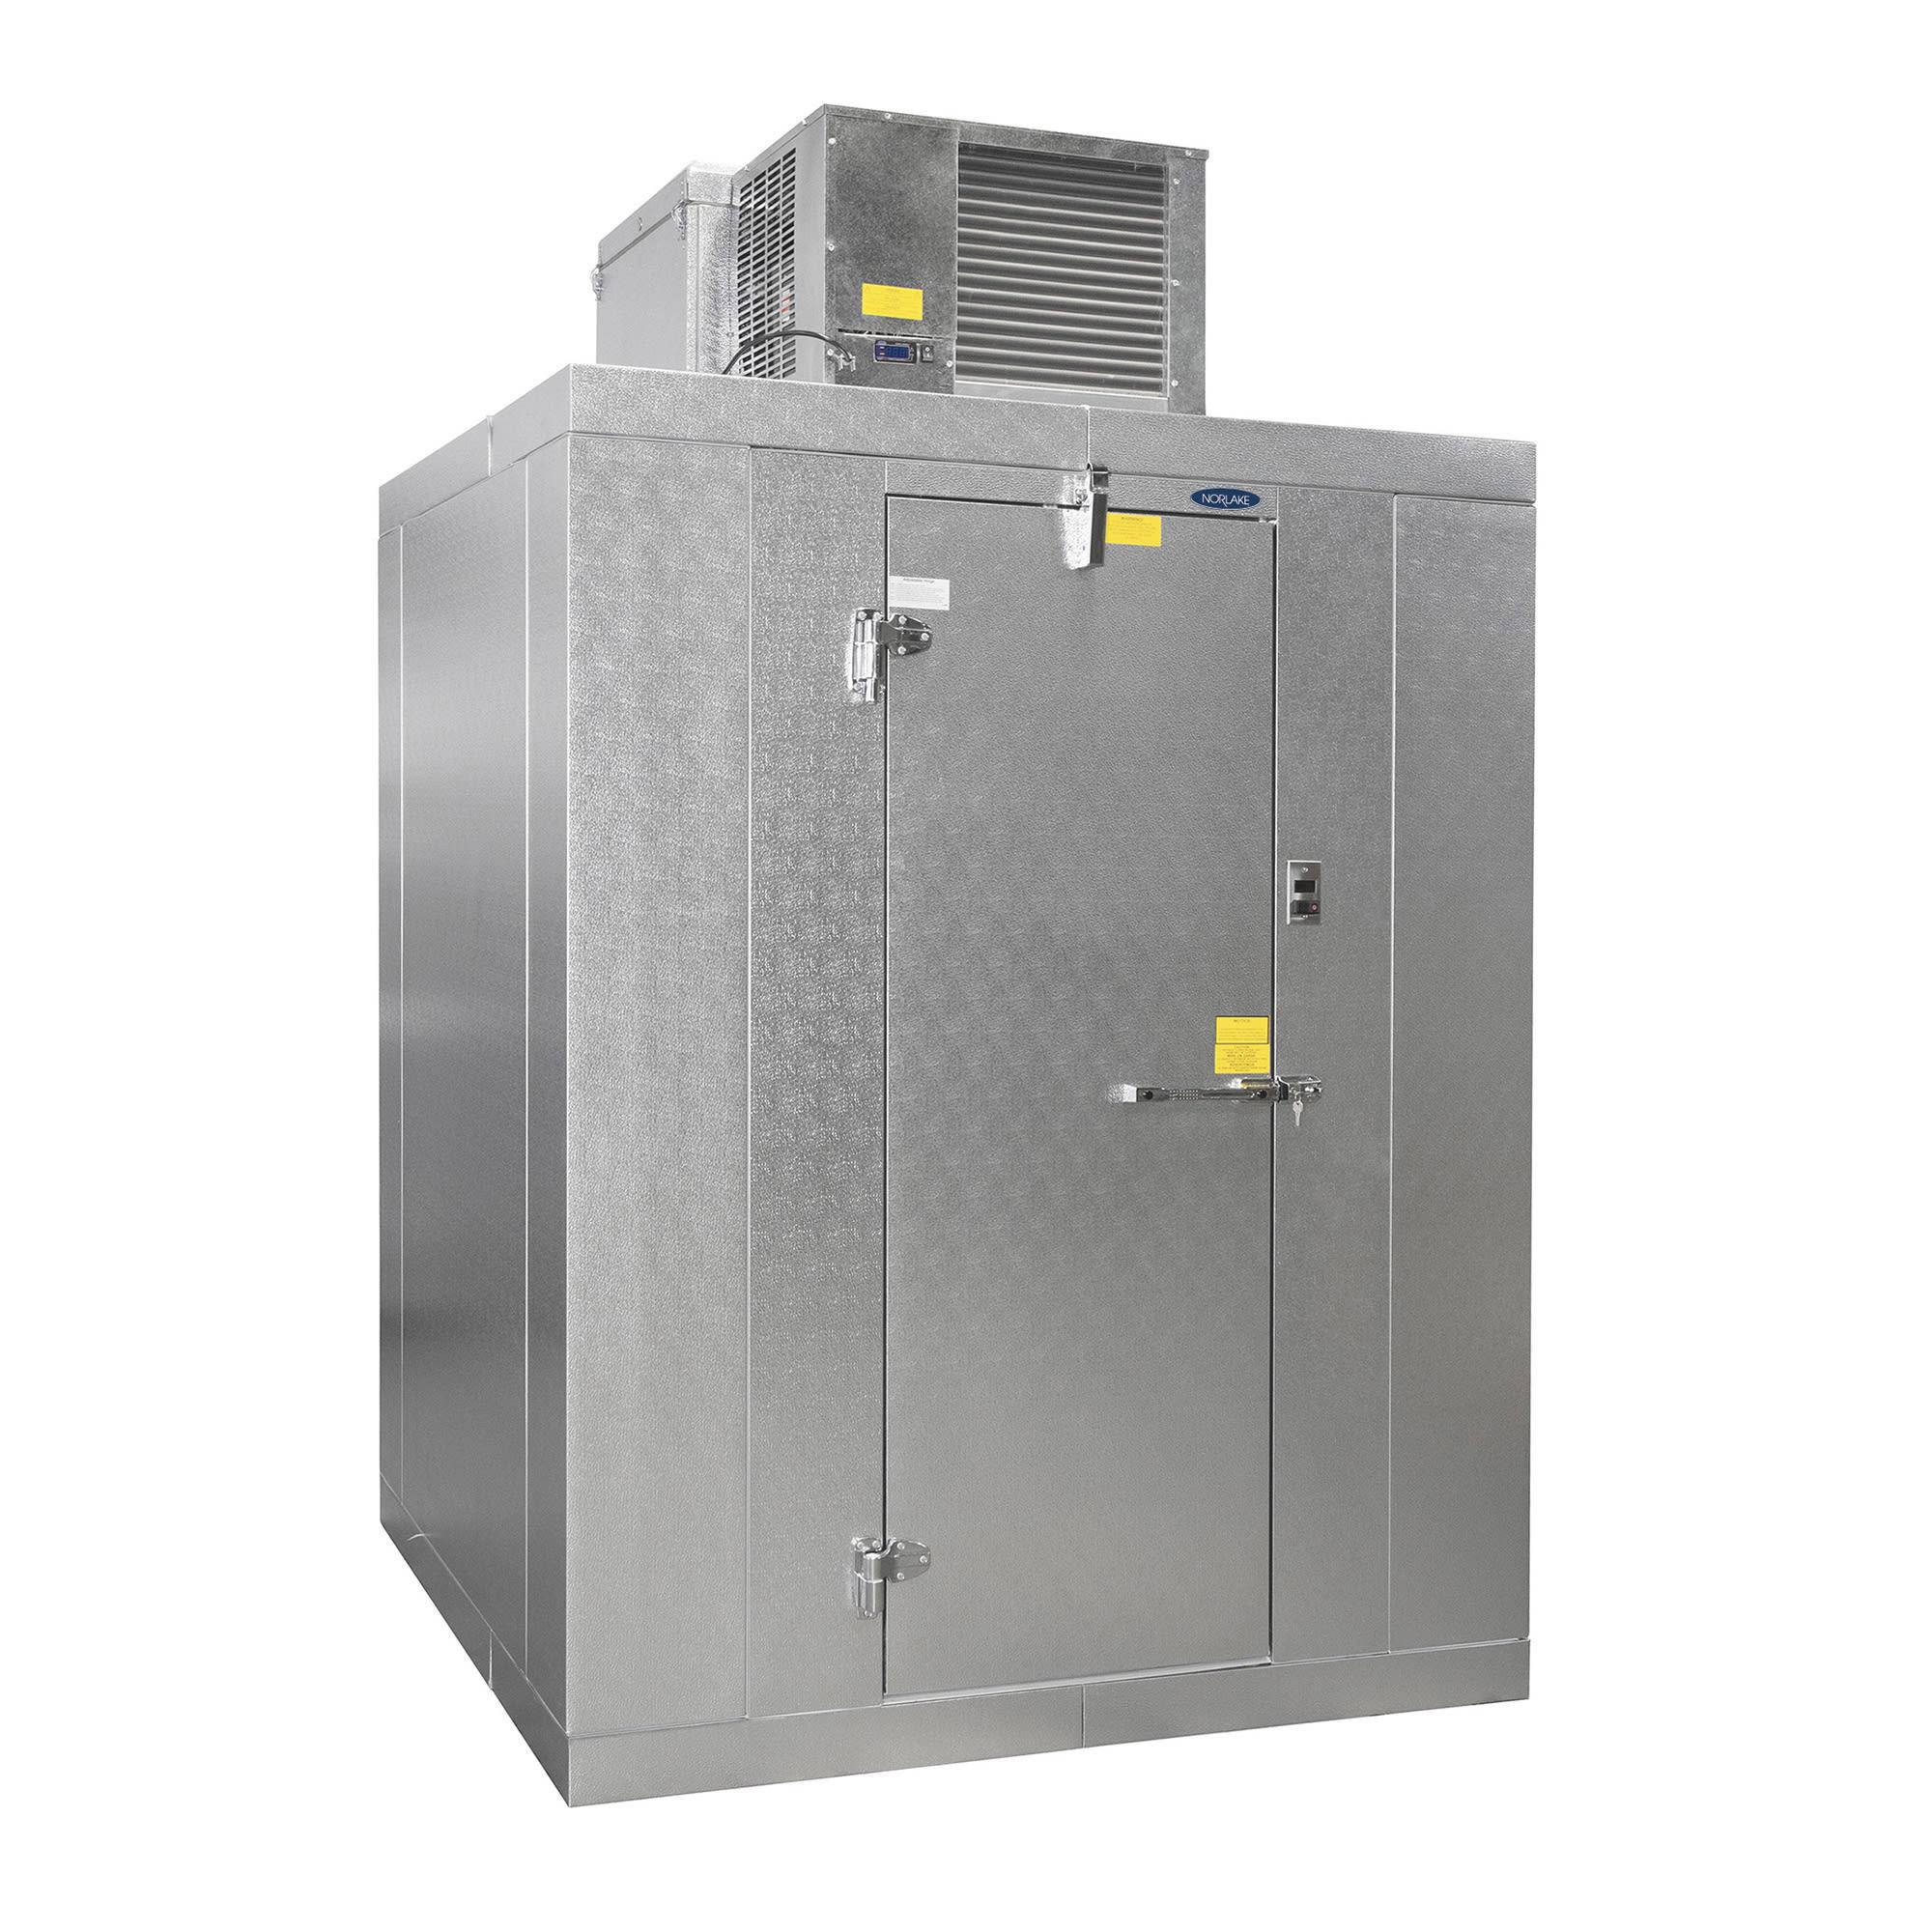 Norlake KLF814-C Indoor Walk-In Freezer w/ Top Mount Compressor, 8' x 14'